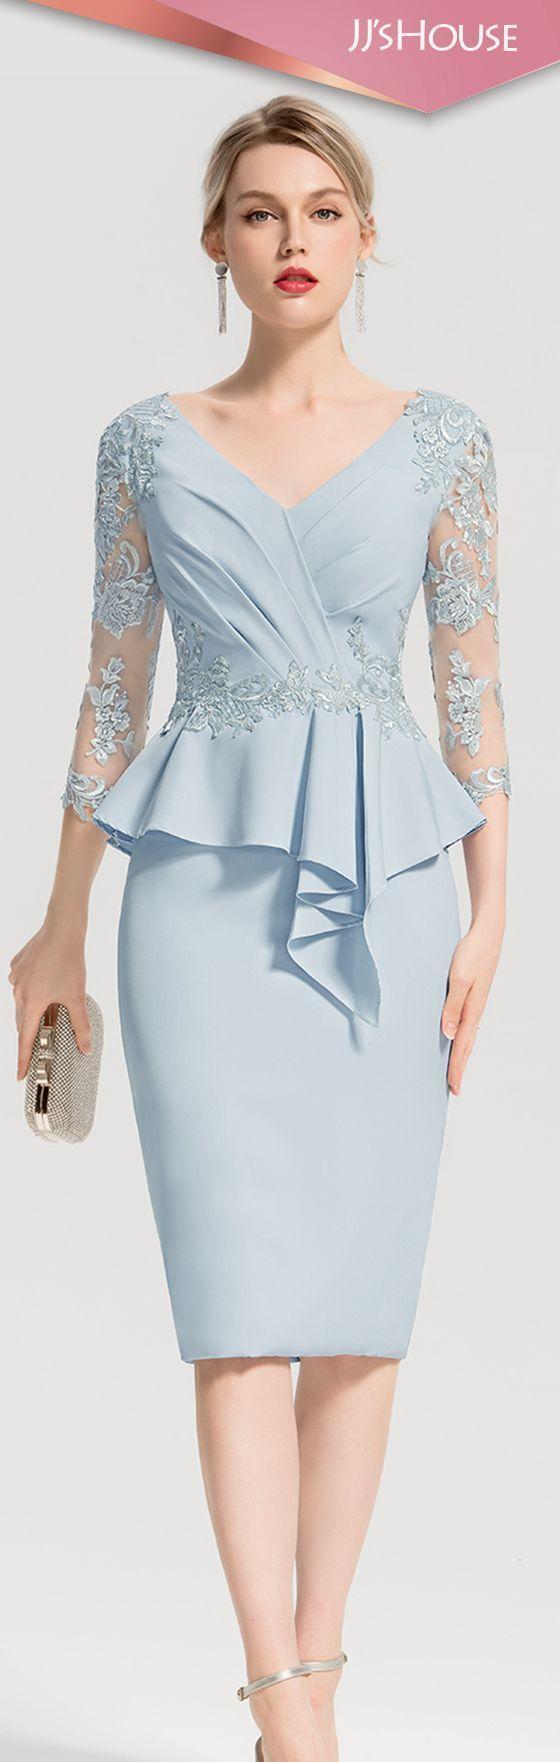 Vestido elegante azul para festas com renda nas mangas  – modelos lindos